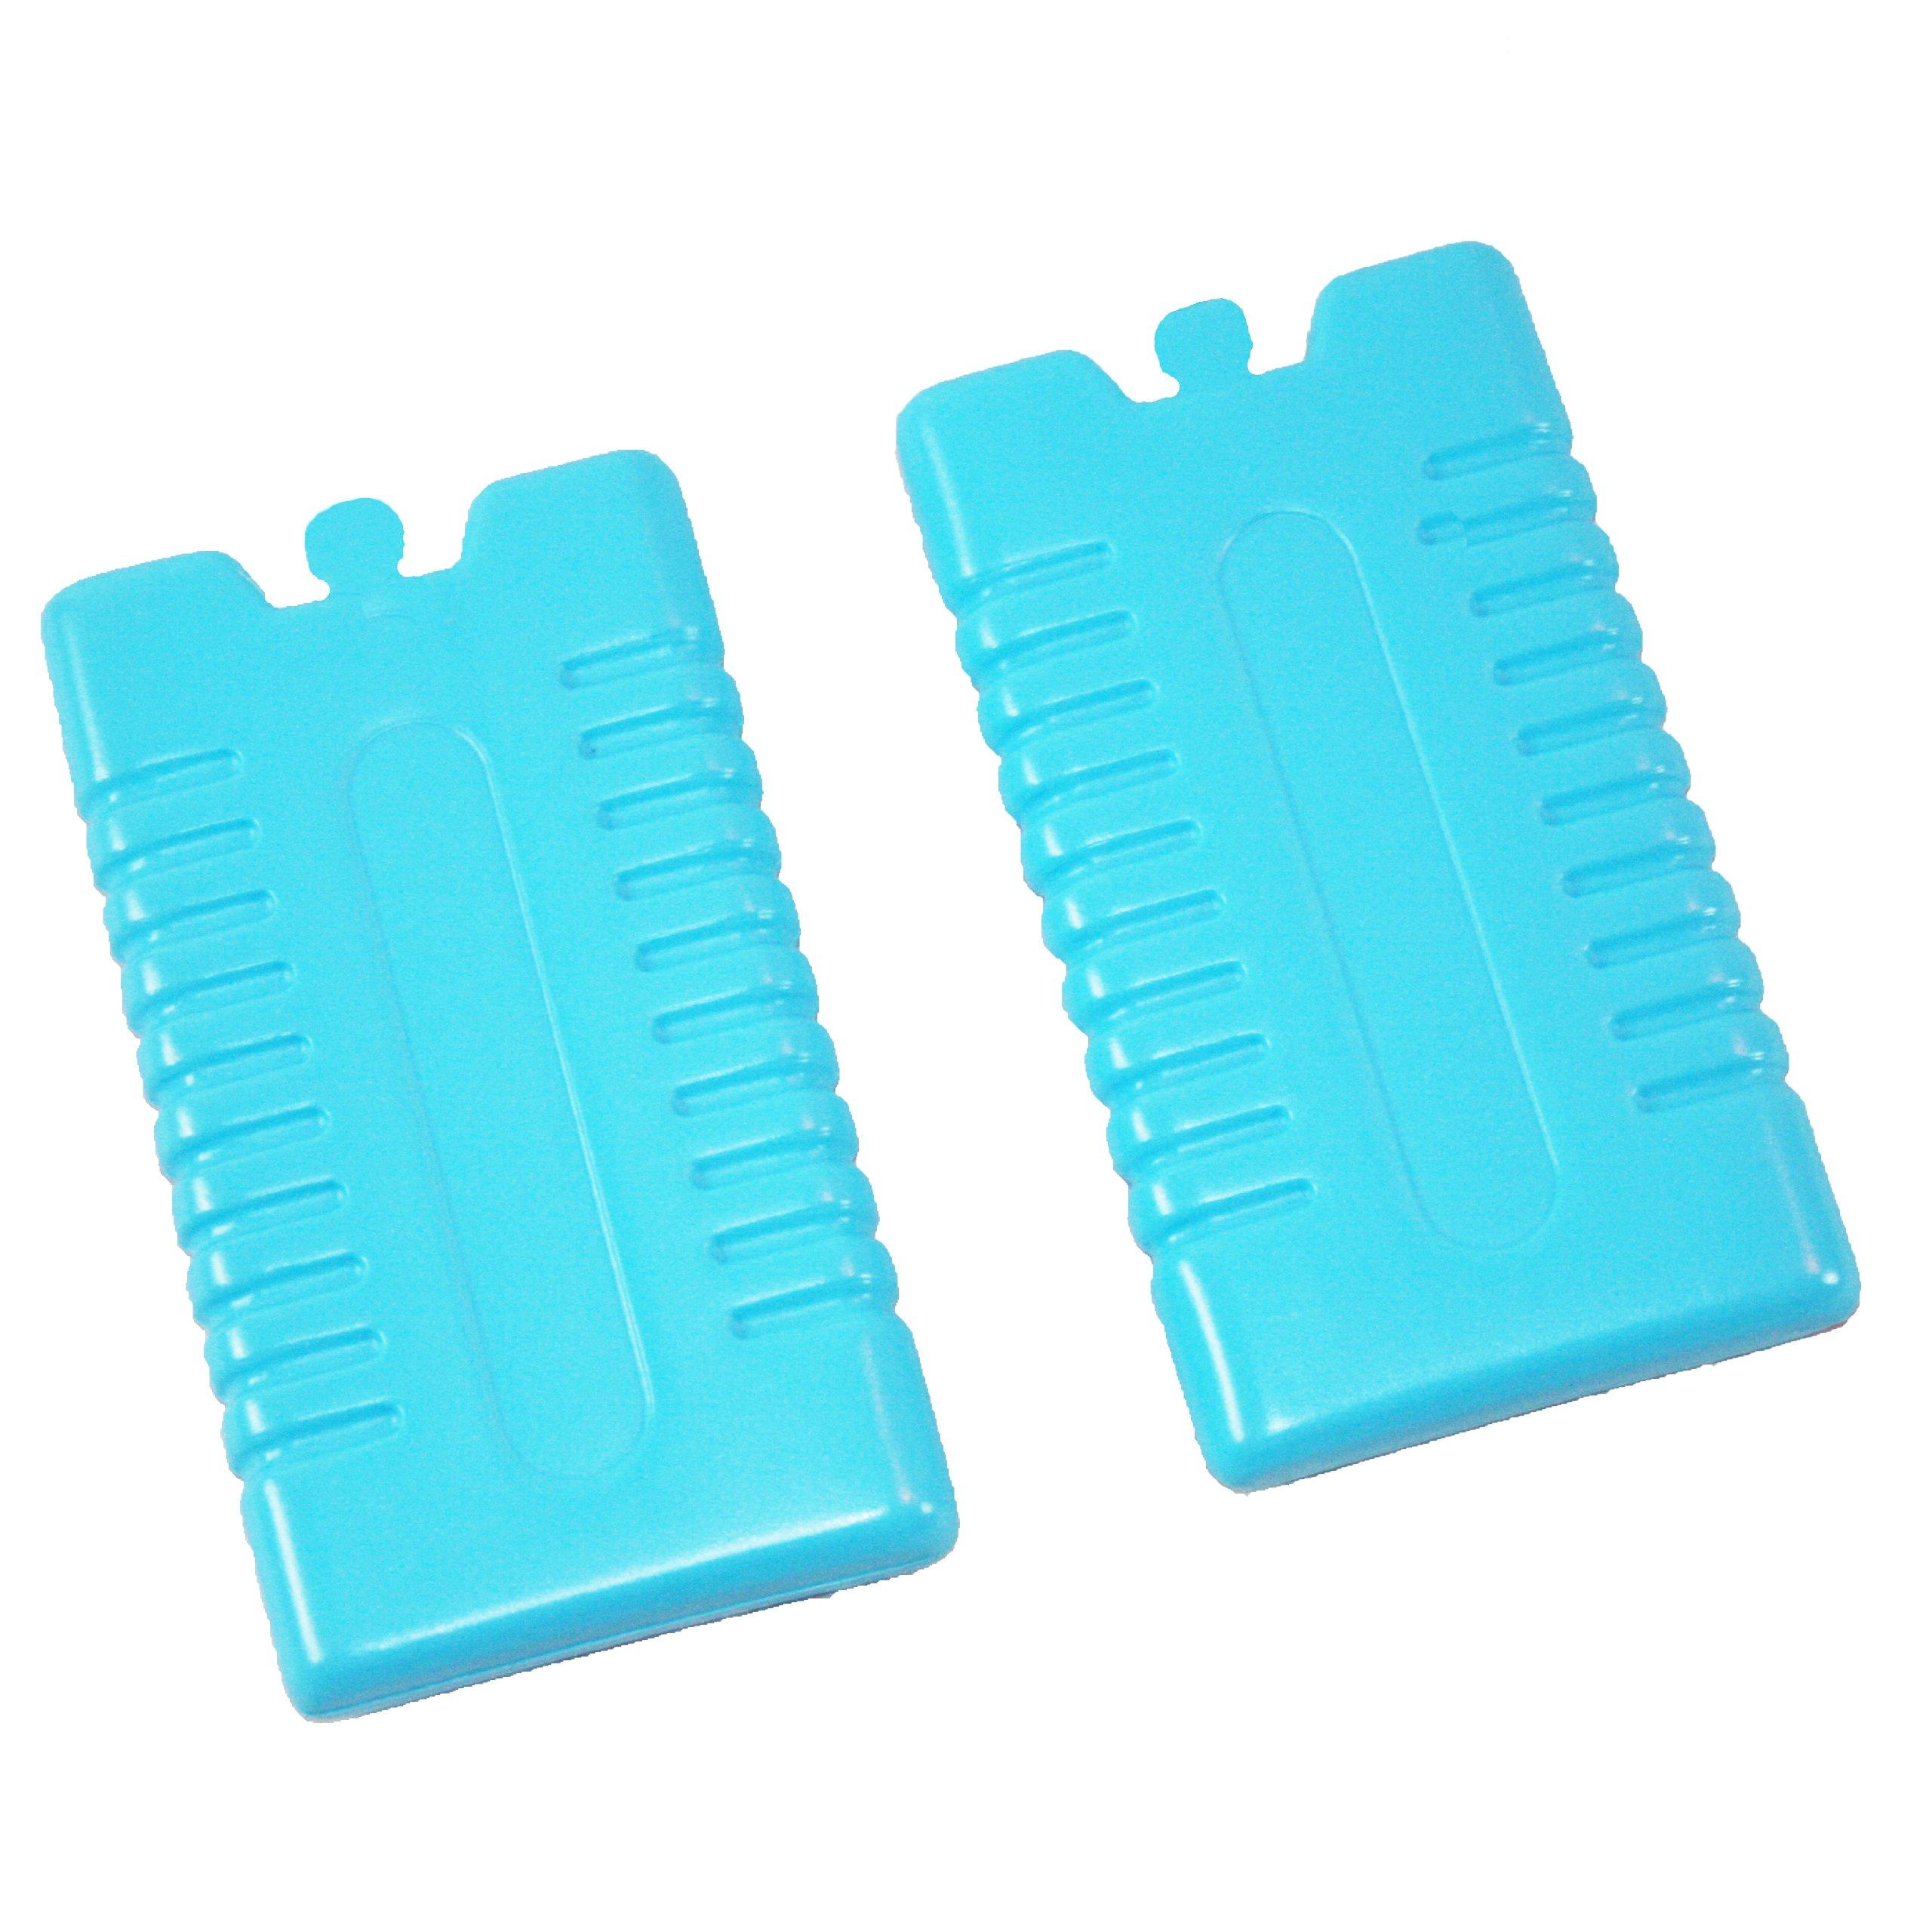 Packs de hielo (2 unidades, 250 g), color azul: Amazon.es: Jardín